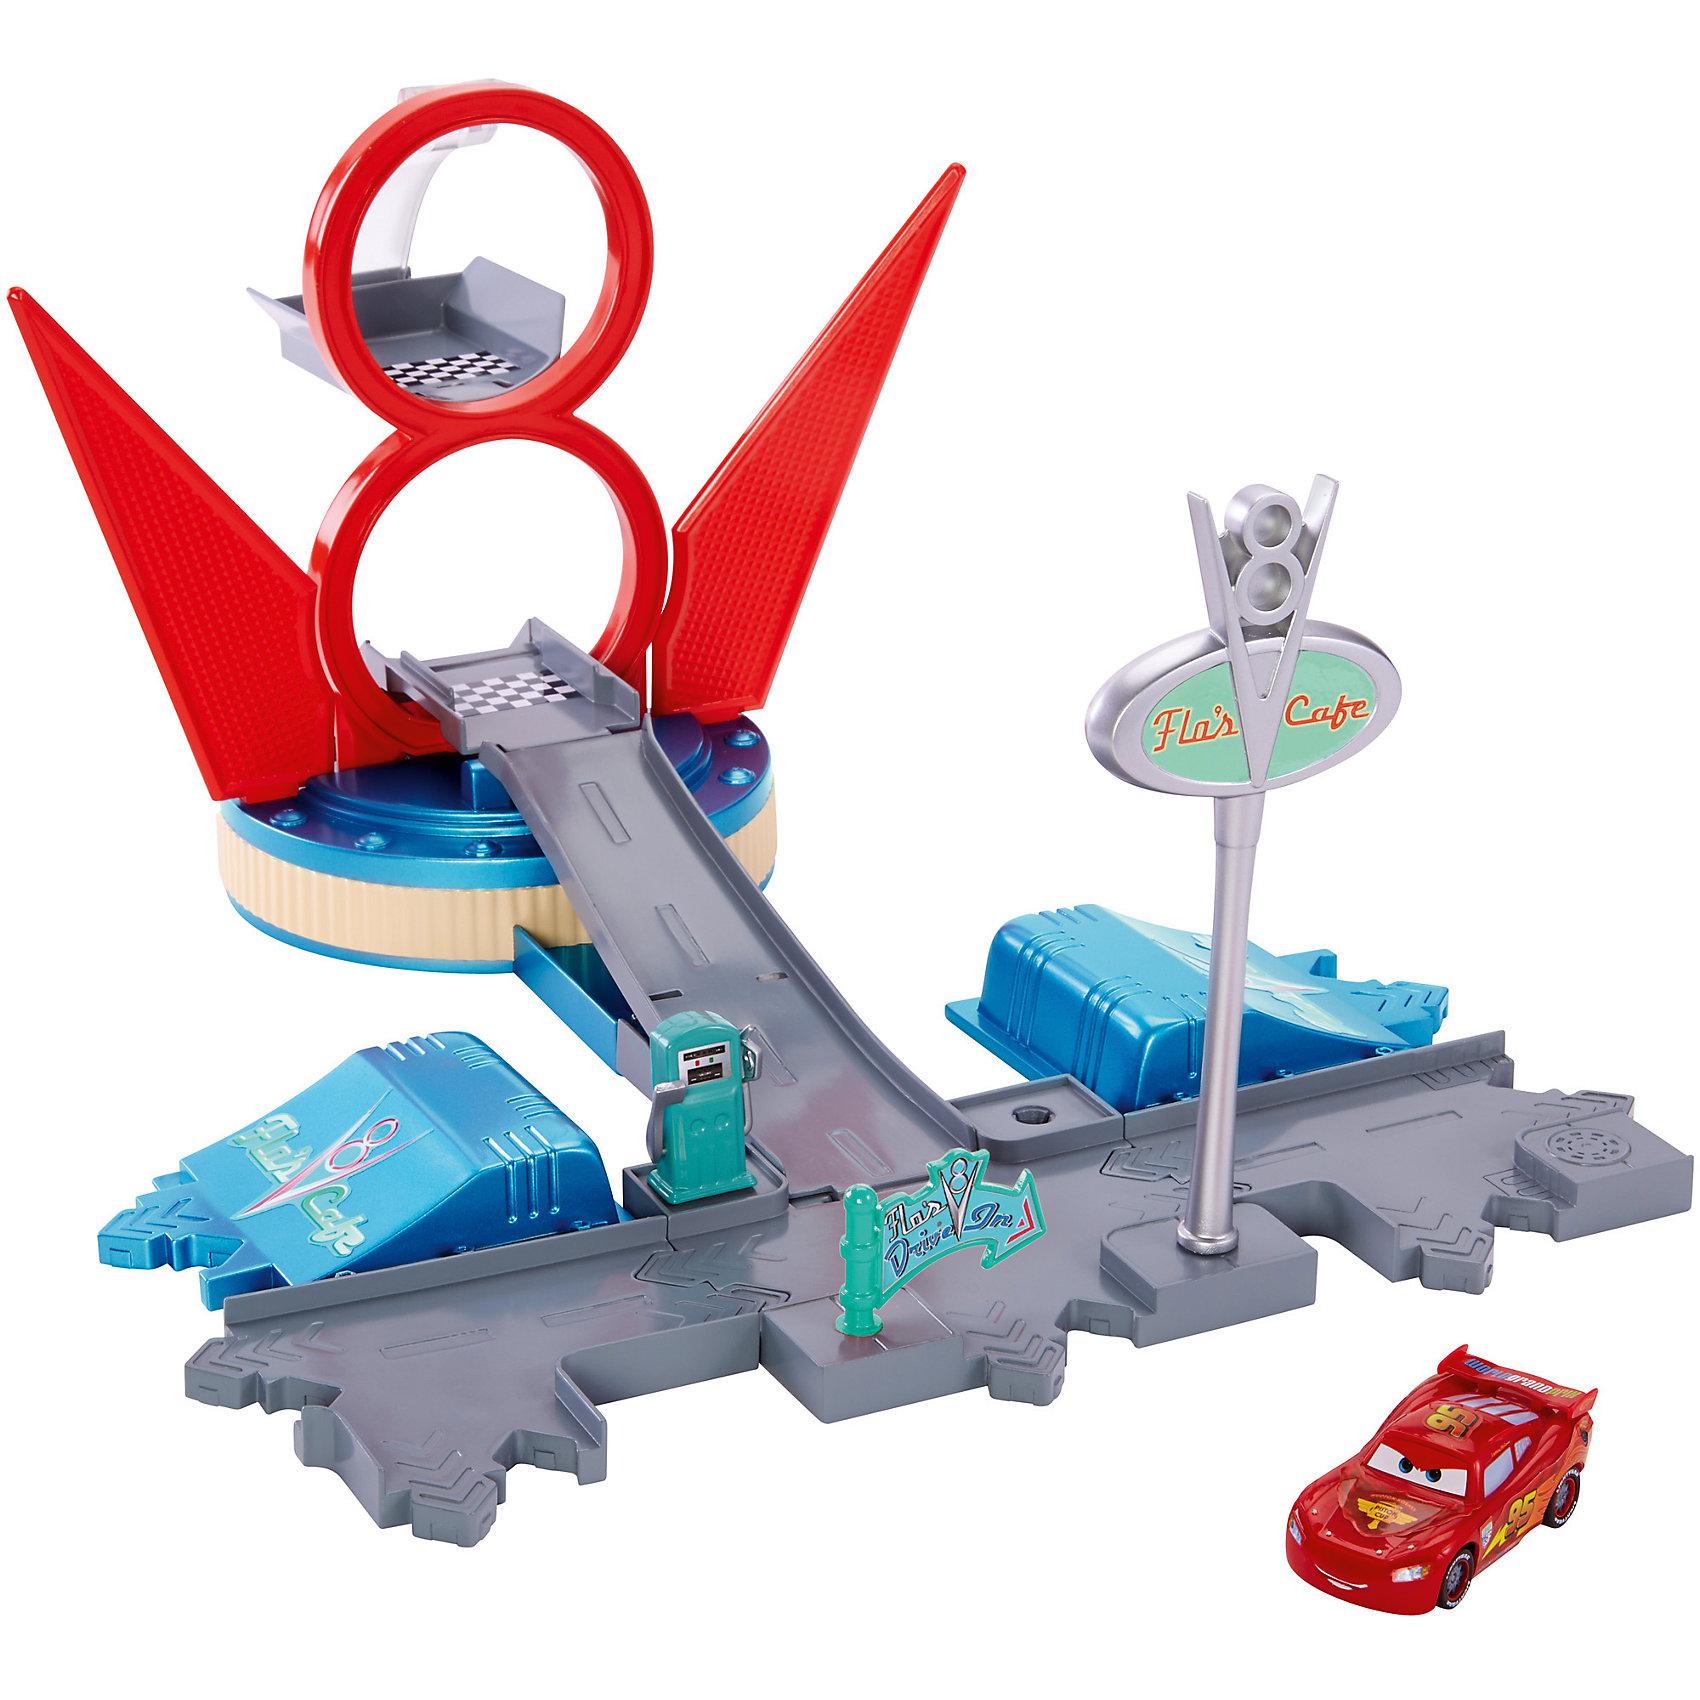 Маленький игровой набор, ТачкиАвтотреки<br>Известная торговая марка Mattel представляет игровой набор Тачки Story Sets. Все маленькие любители гонок и спортивных автомобилей по достоинству оценят этот замечательный игровой набор. Ребенку предлагается самостоятельно собрать трек для проведения гонок и начать соревнования. Трек представляет собой множество дорожных путей, а также различные строения и сооружения.Яркие и красочные цвета игрушек и отличное качество материалов, использованных для создания элементов трека и машинки, несомненно привлекут внимание ребенка.<br> <br>В товар входит:<br>-элементы для сборки трека<br>-машинка<br><br>Дополнительная информация:<br>-Цвет: серый,красный,голубой<br>-Возраст: от 4 лет<br>-Для мальчиков<br>-Материал: металл,пластик<br>-Упаковка:картонная коробка<br>-Бренд: Mattel<br><br>Ширина мм: 255<br>Глубина мм: 255<br>Высота мм: 70<br>Вес г: 585<br>Возраст от месяцев: 48<br>Возраст до месяцев: 120<br>Пол: Мужской<br>Возраст: Детский<br>SKU: 4973442